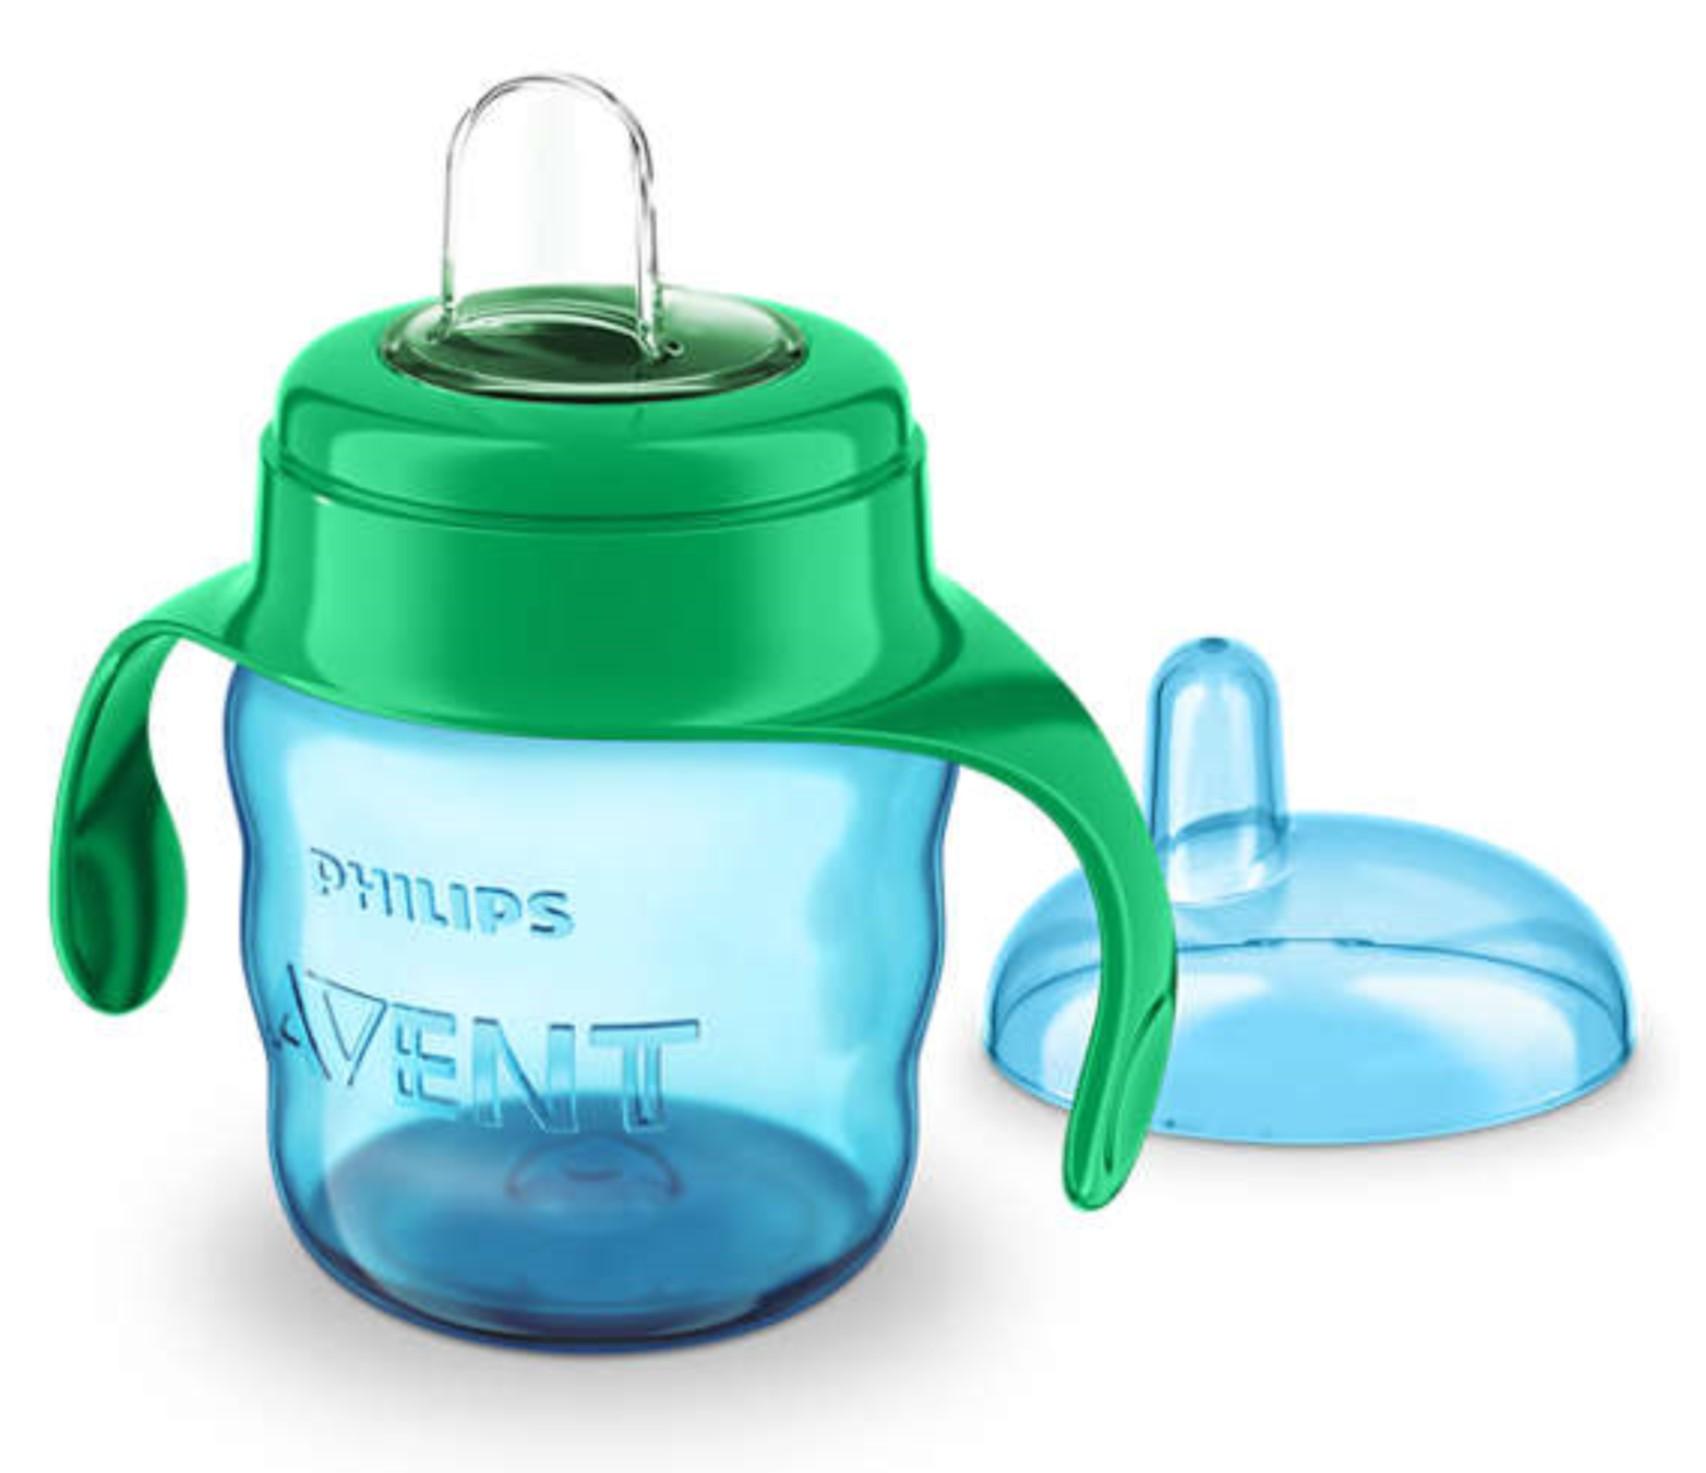 Фото - Чашка-непроливайка Philips AVENT SCF551_05 [супермаркет] jingdong геб scybe фил приблизительно круглая чашка установлена в вертикальном положении стеклянной чашки 290мла 6 z